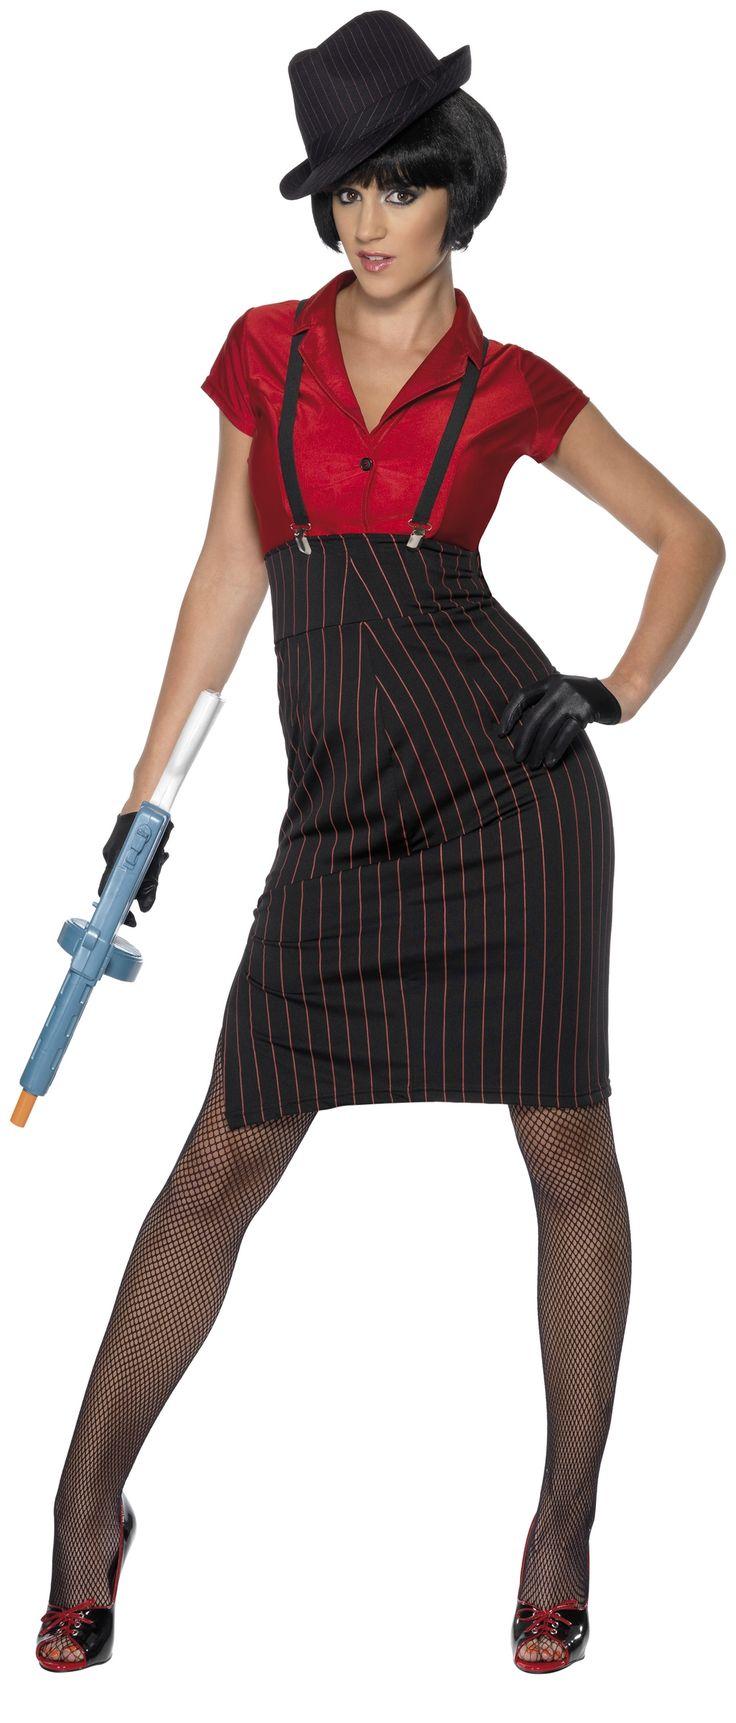 Déguisement gangster femme : Ce déguisement de gangster pour femme haut de gamme comprend la chemise rouge, la superbe jupe assortie rayée noir et rouge, les bretelles pour un effet de style encore plus impressionnant, et pour...